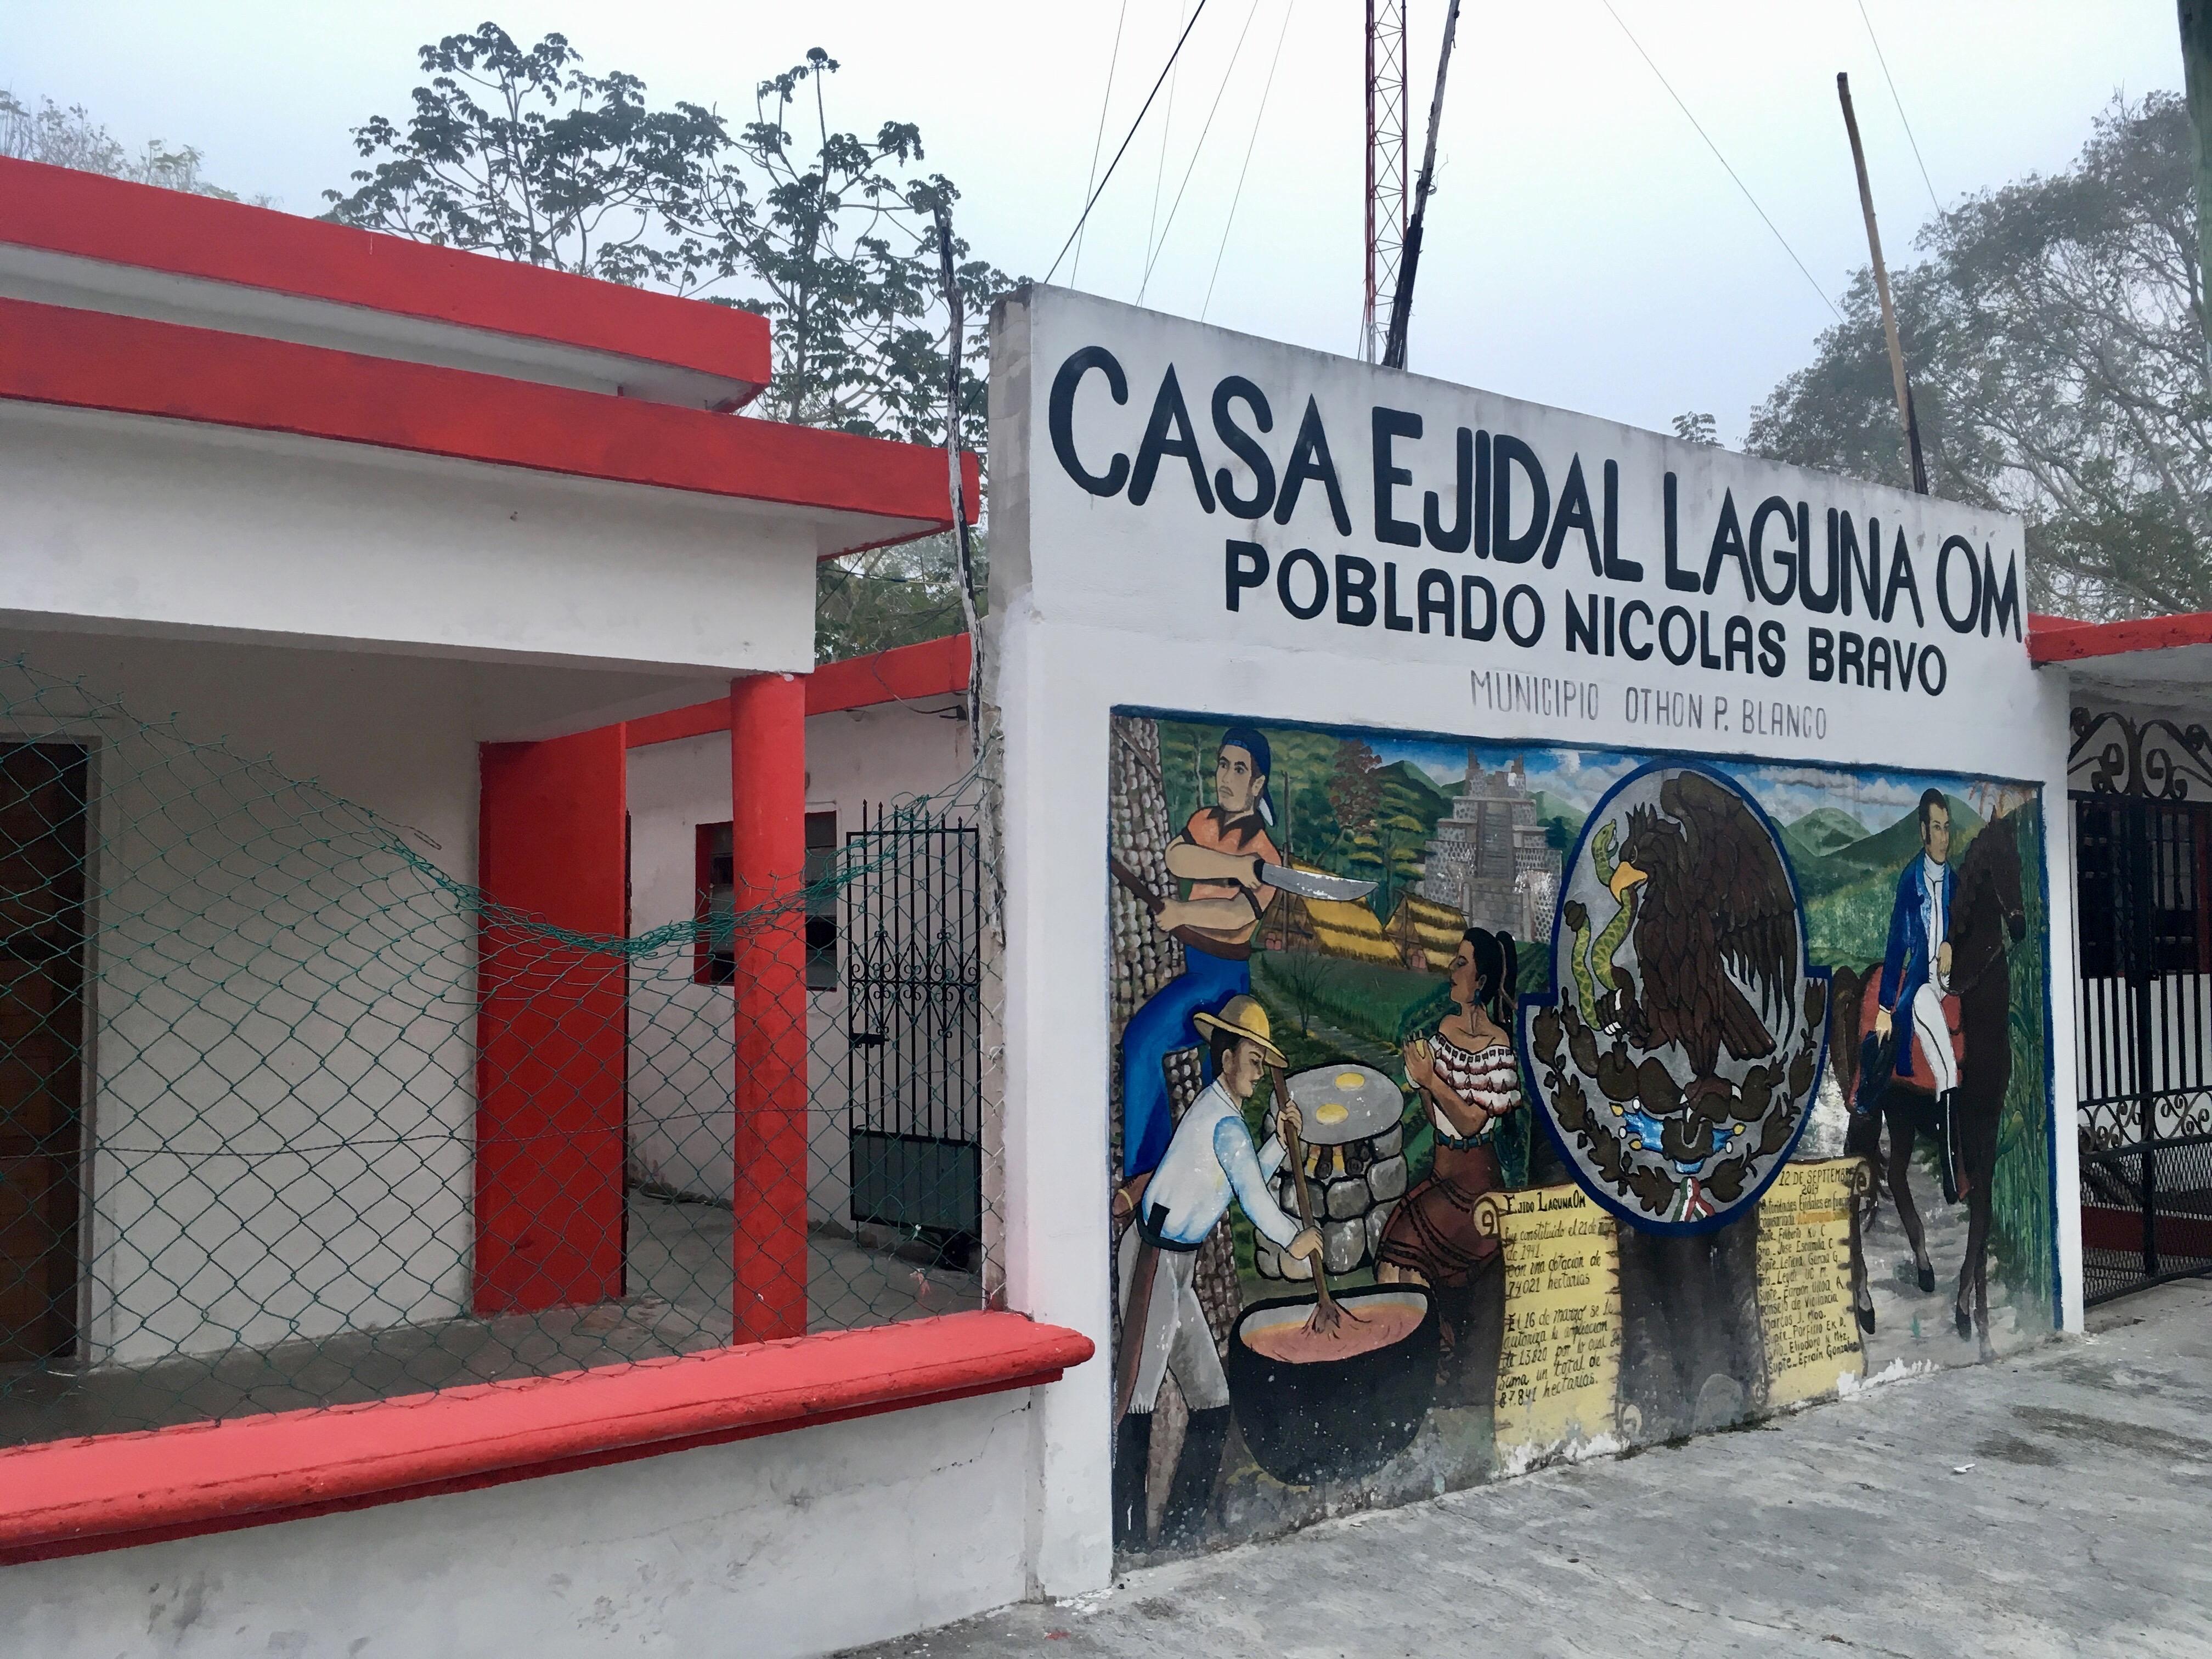 Laguna OM, en Quintana Roo, México